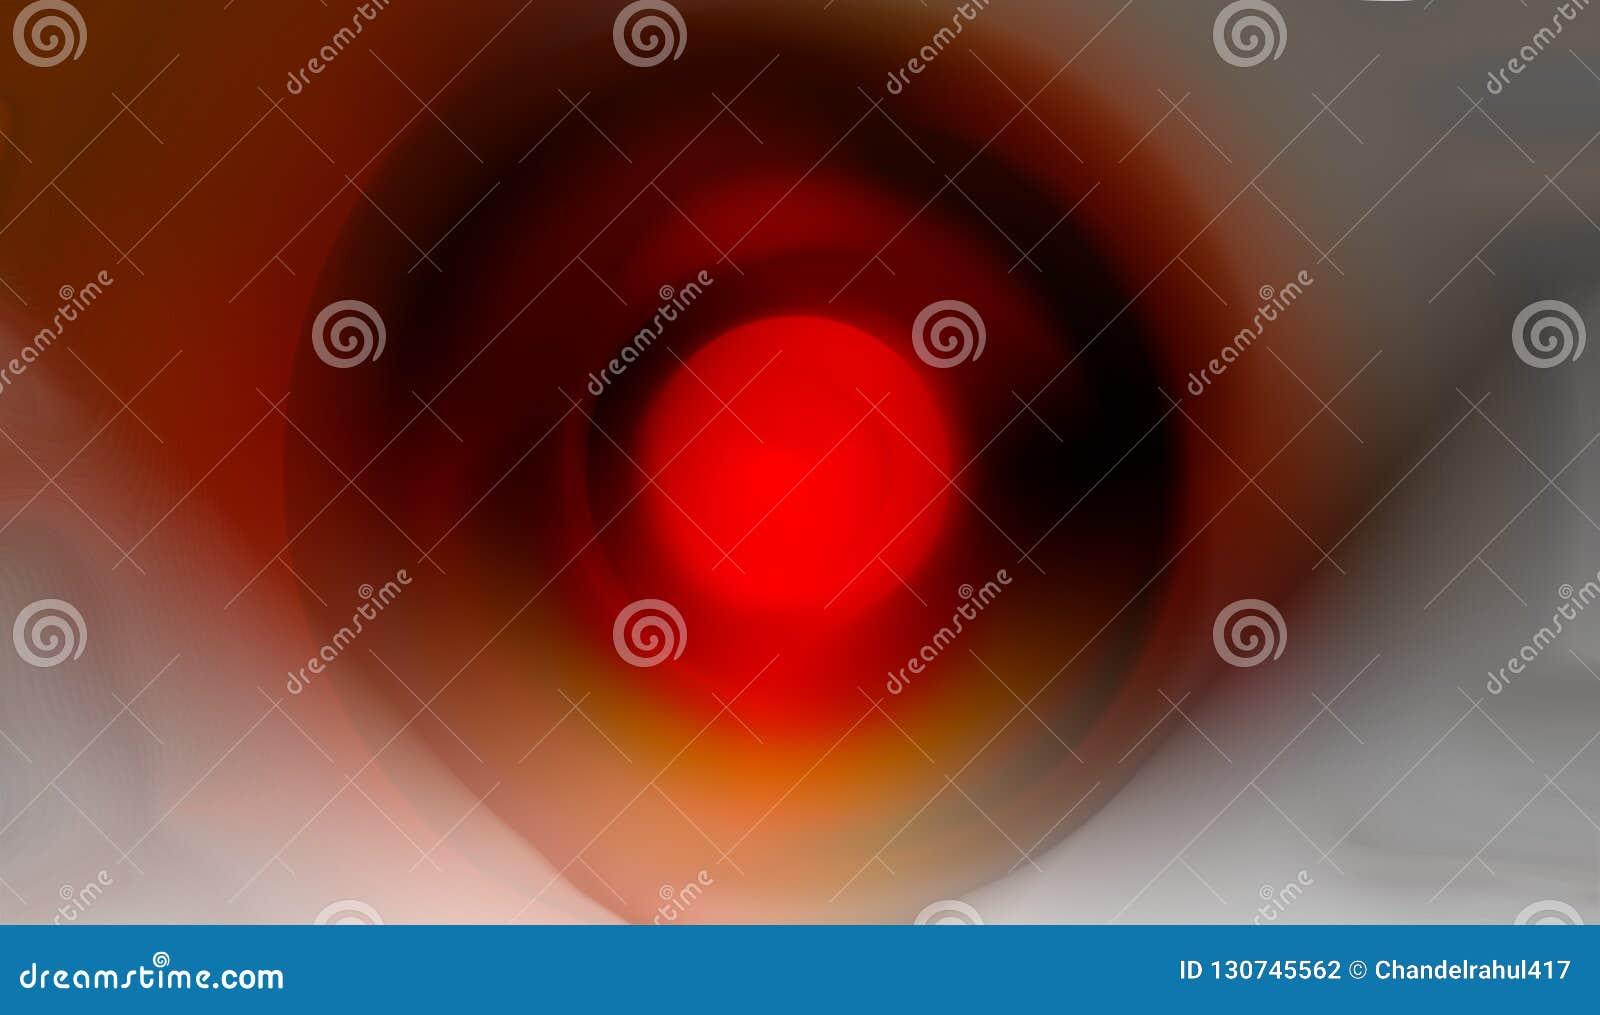 Papel pintado sombreado rojo oscuro y wite borroso amarillo del fondo ejemplo vivo del vector del color